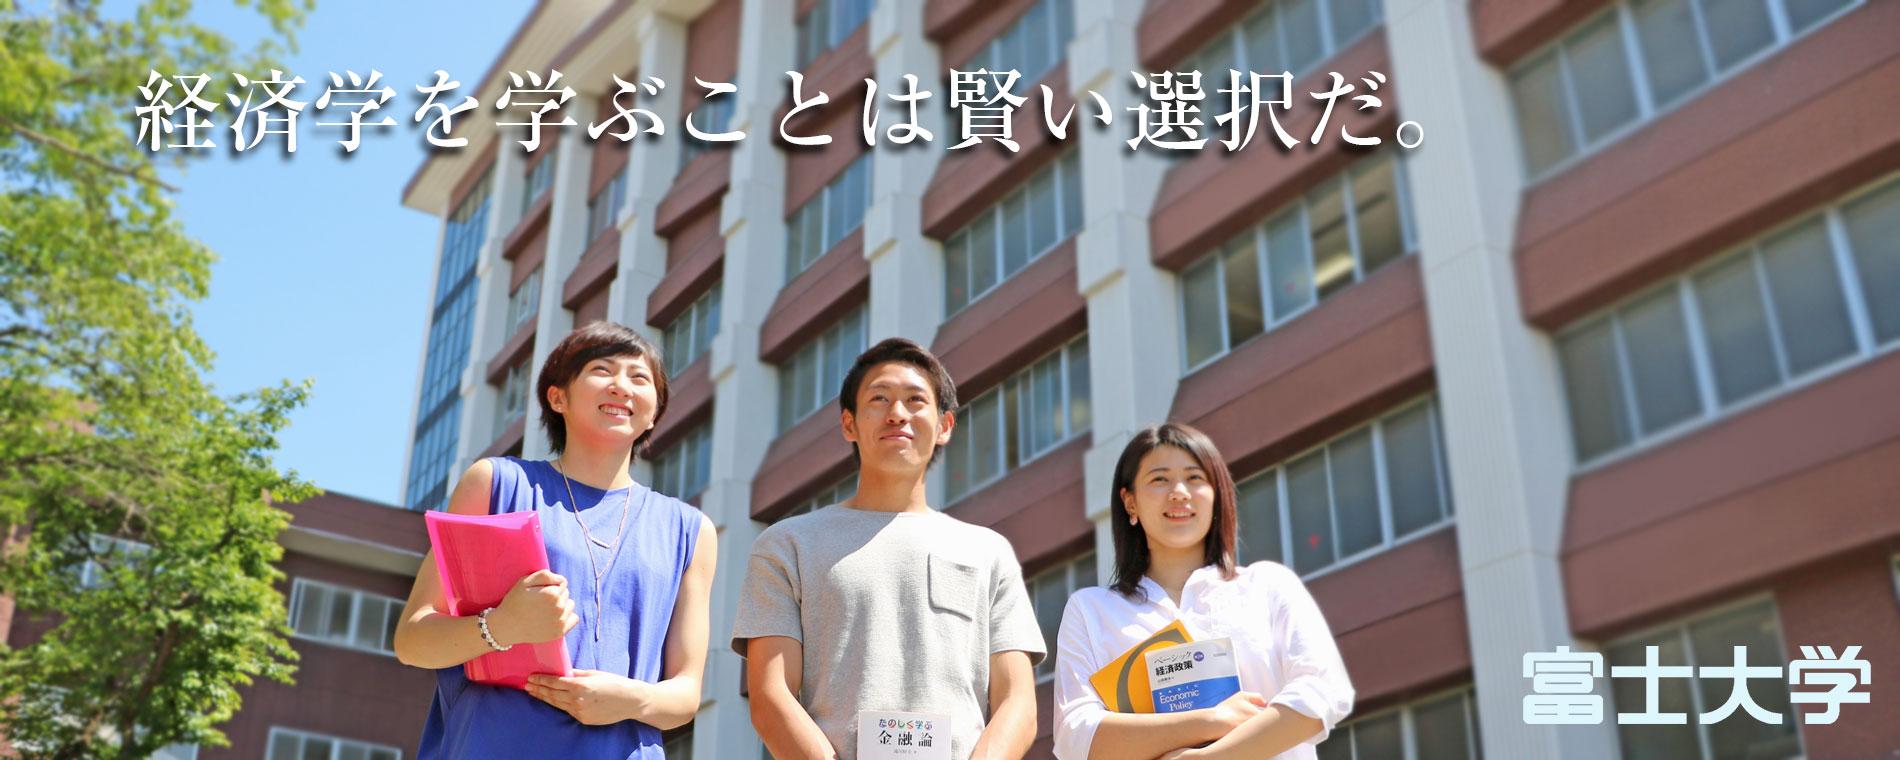 経済学を学ぶことは賢い選択だ。富士大学